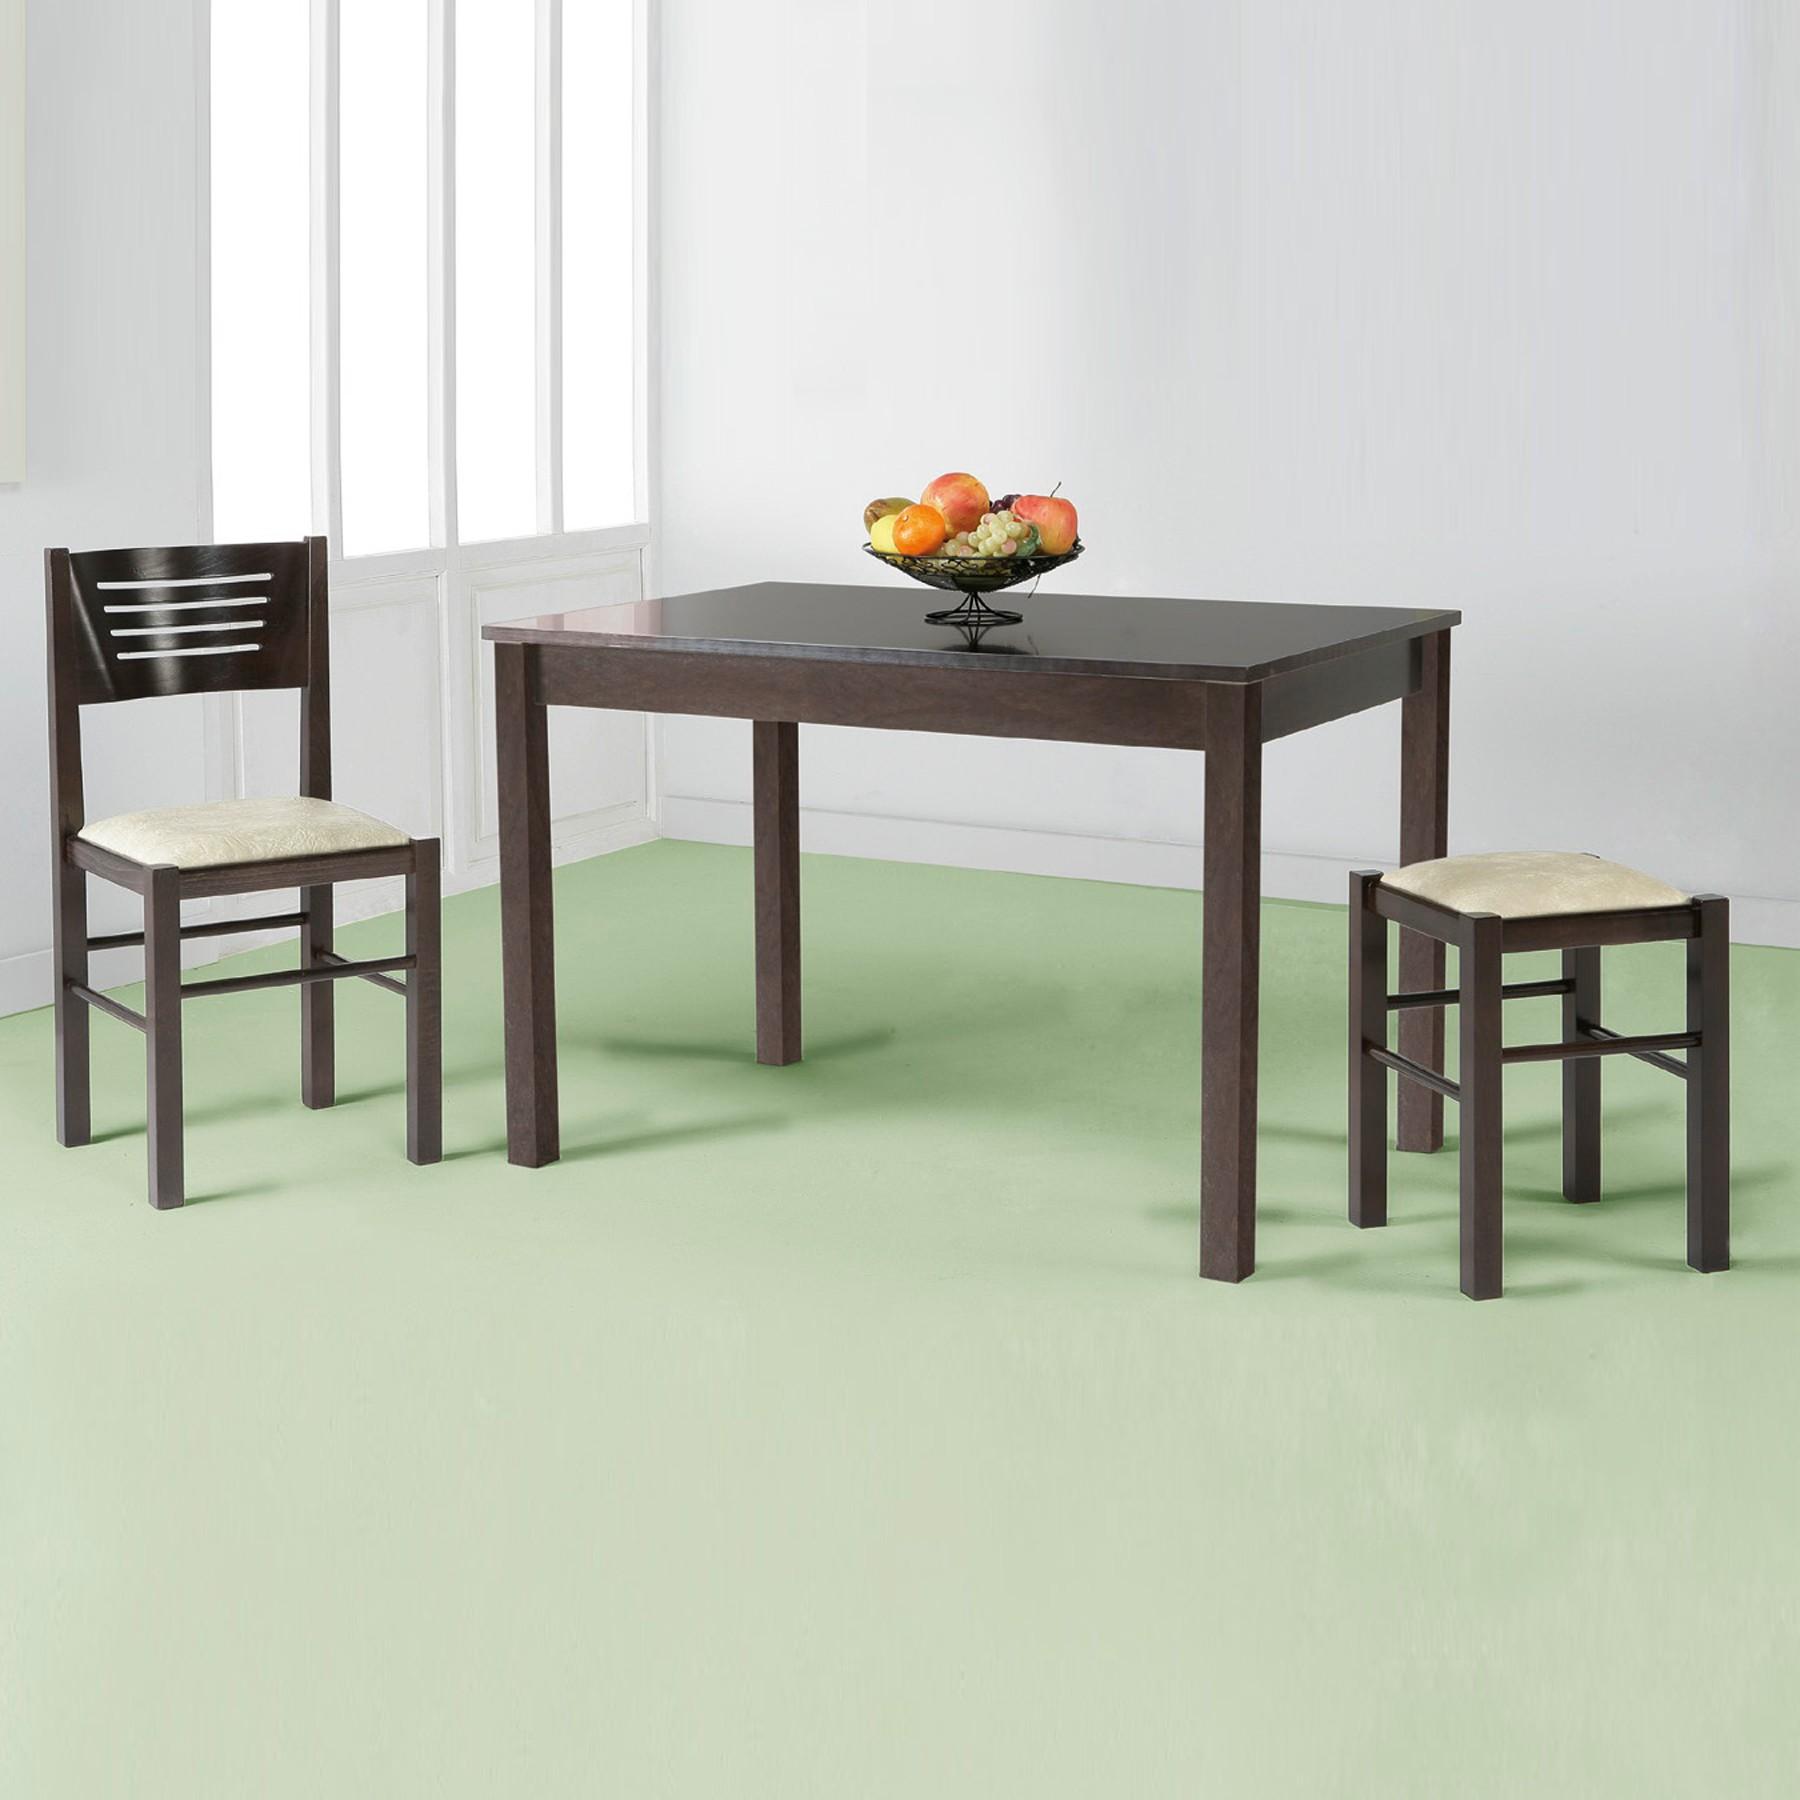 Mesa de cocina y comedor fija en madera modelo persimo - Mesas de cocina de madera ...